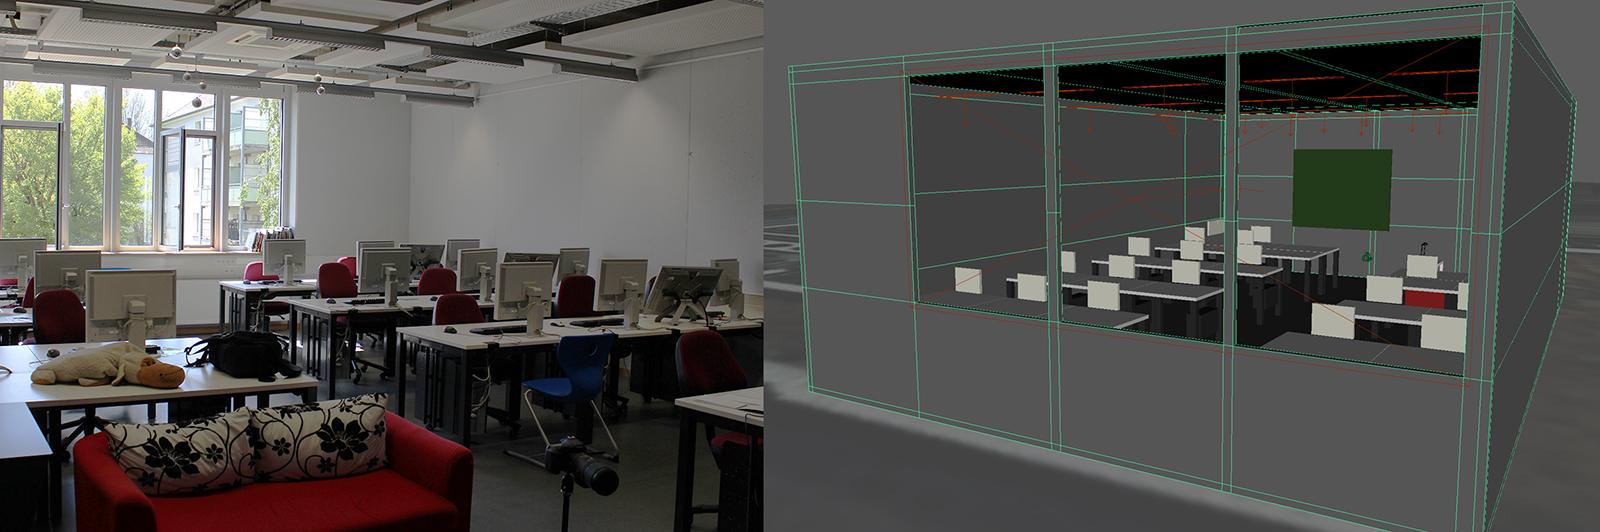 Foto und Modell des Labors